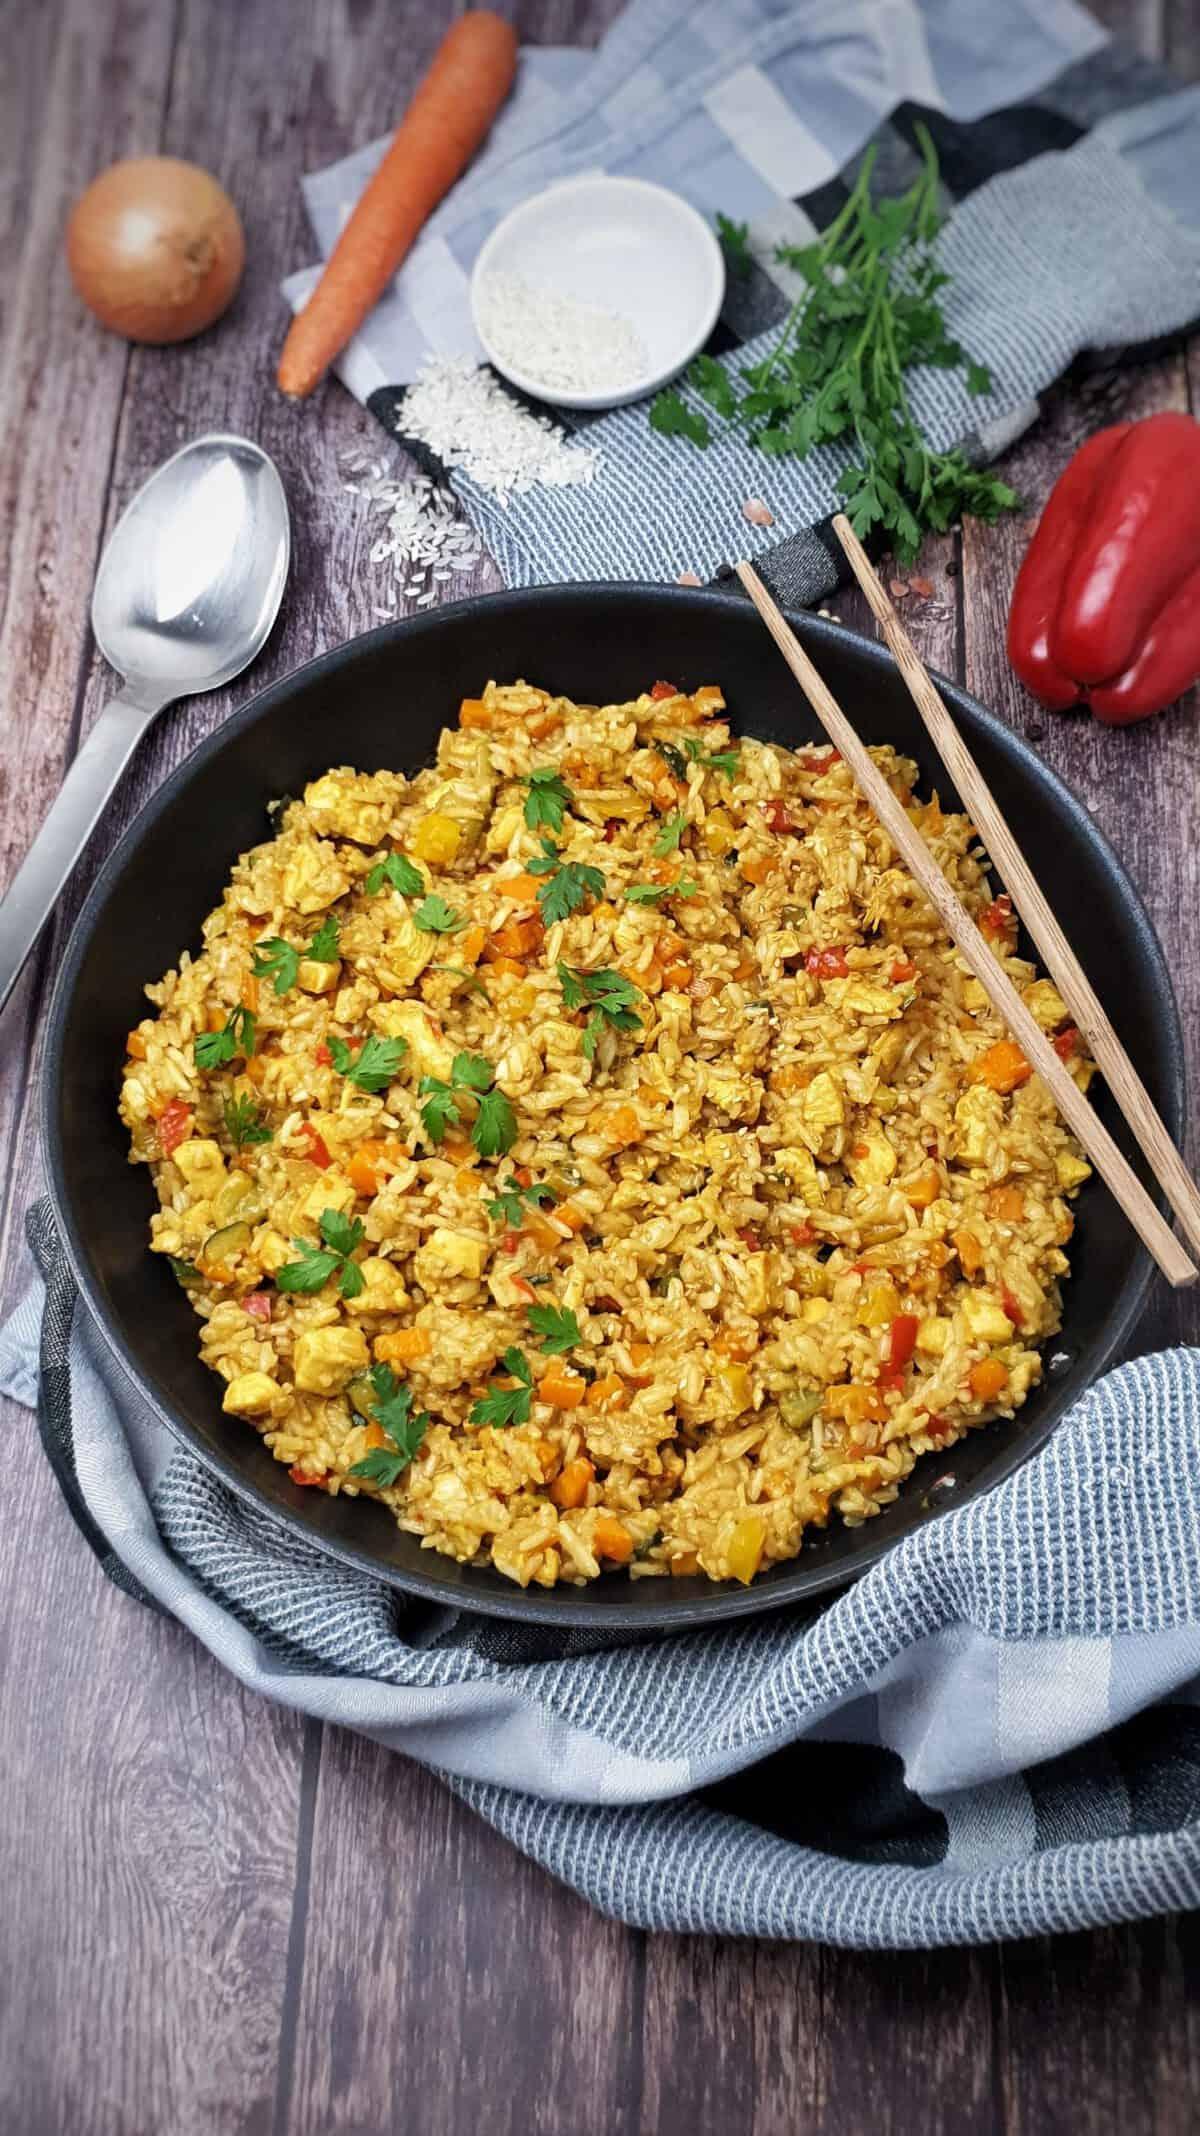 In einer Pfanne angerichtete und mit Petersilie bestreut eine asiatische Reispfanne mit Hähnchen. Im Hintergrund Deko.